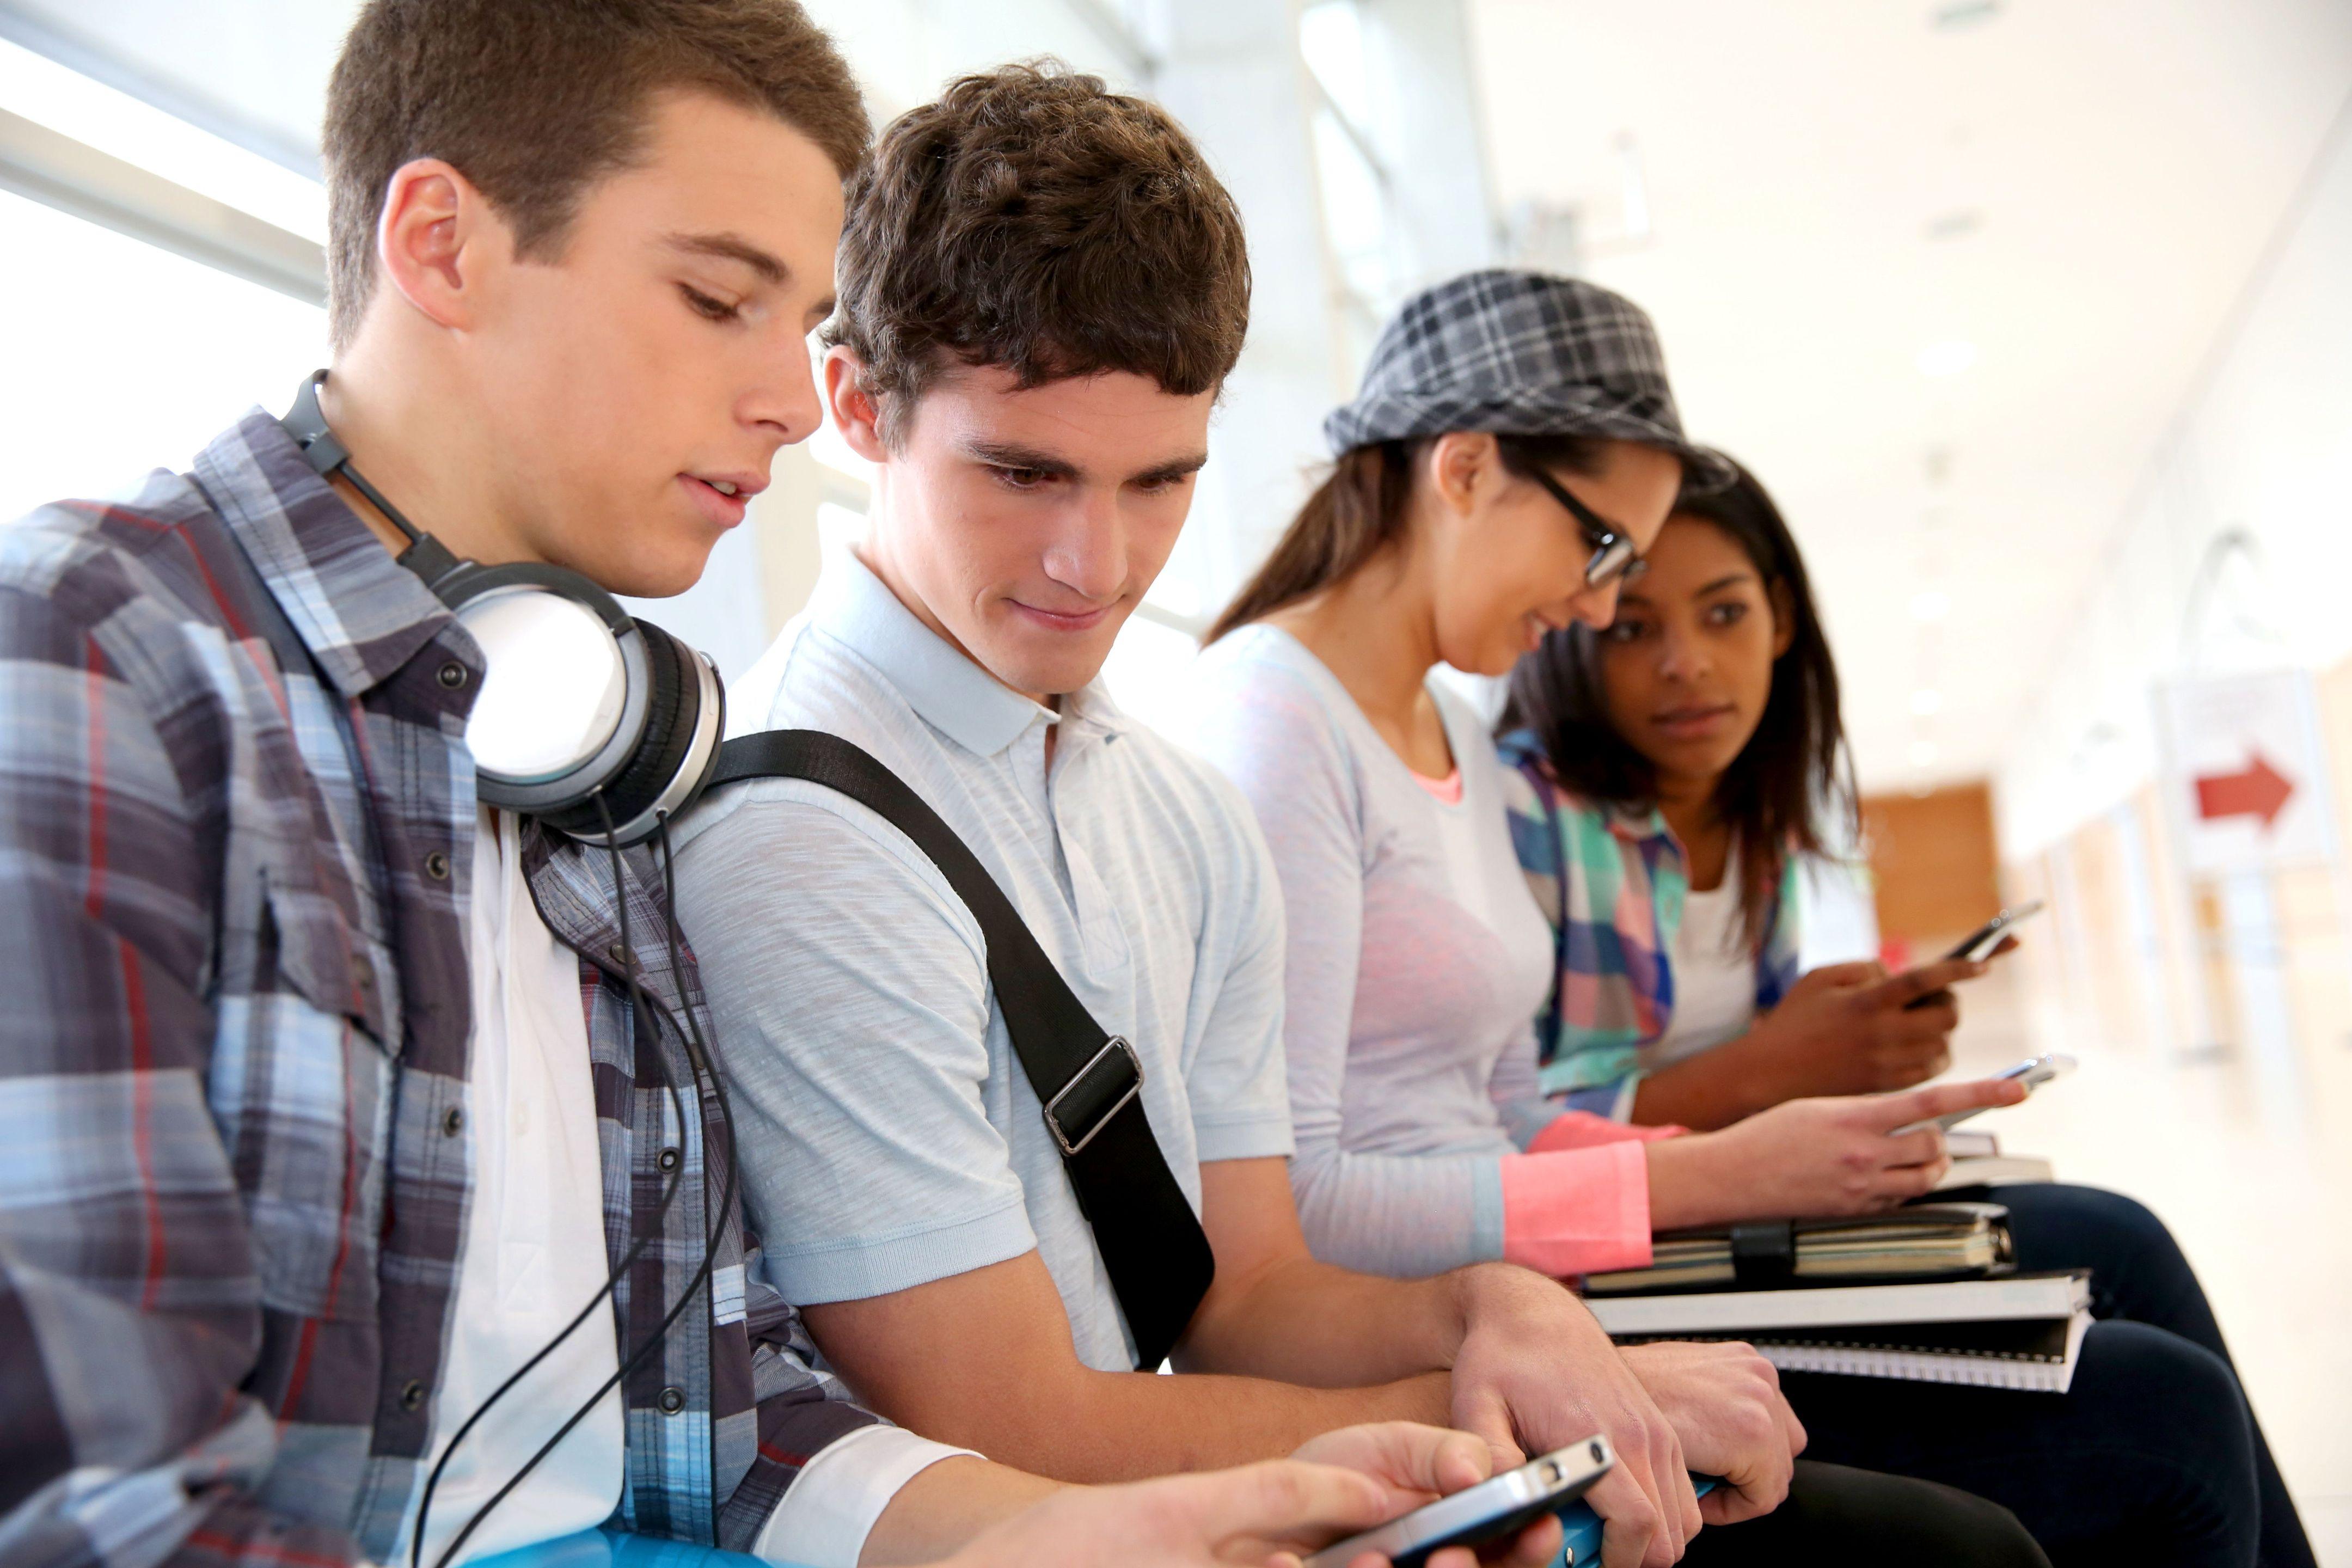 etudiants Étudiant   App Store : les applications indispensables !